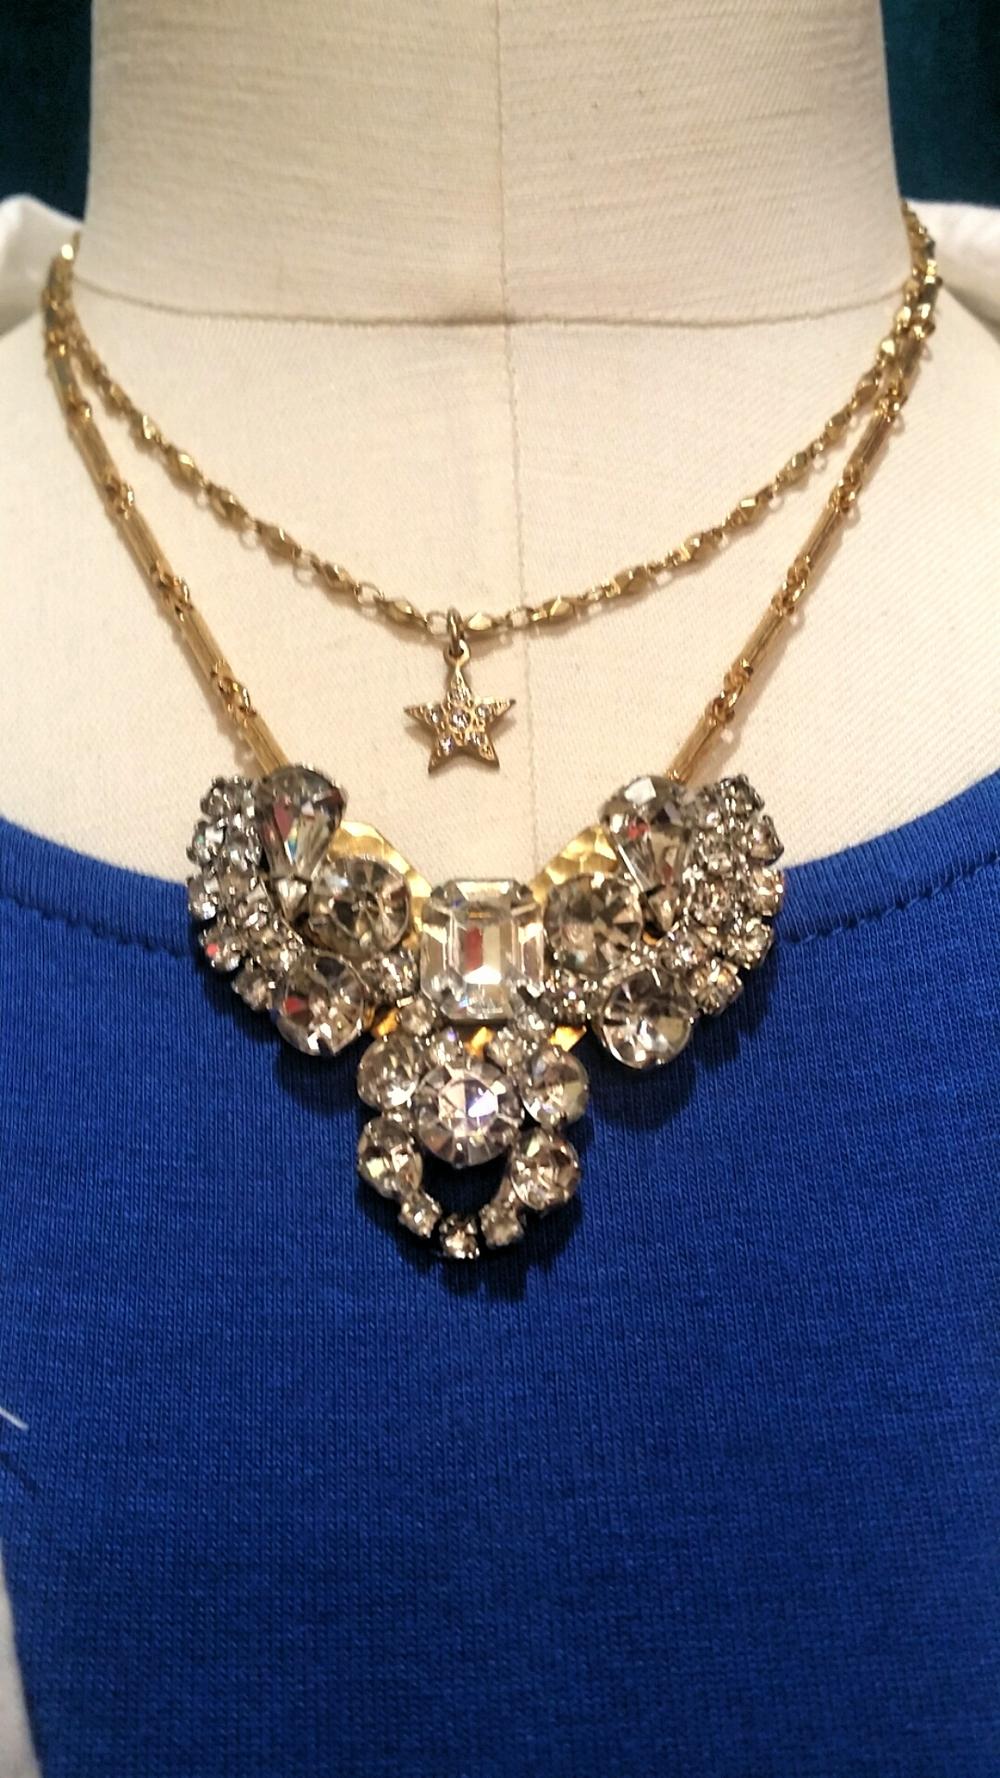 Lulu's Petals necklace: $58. La Vie Star necklace: $52